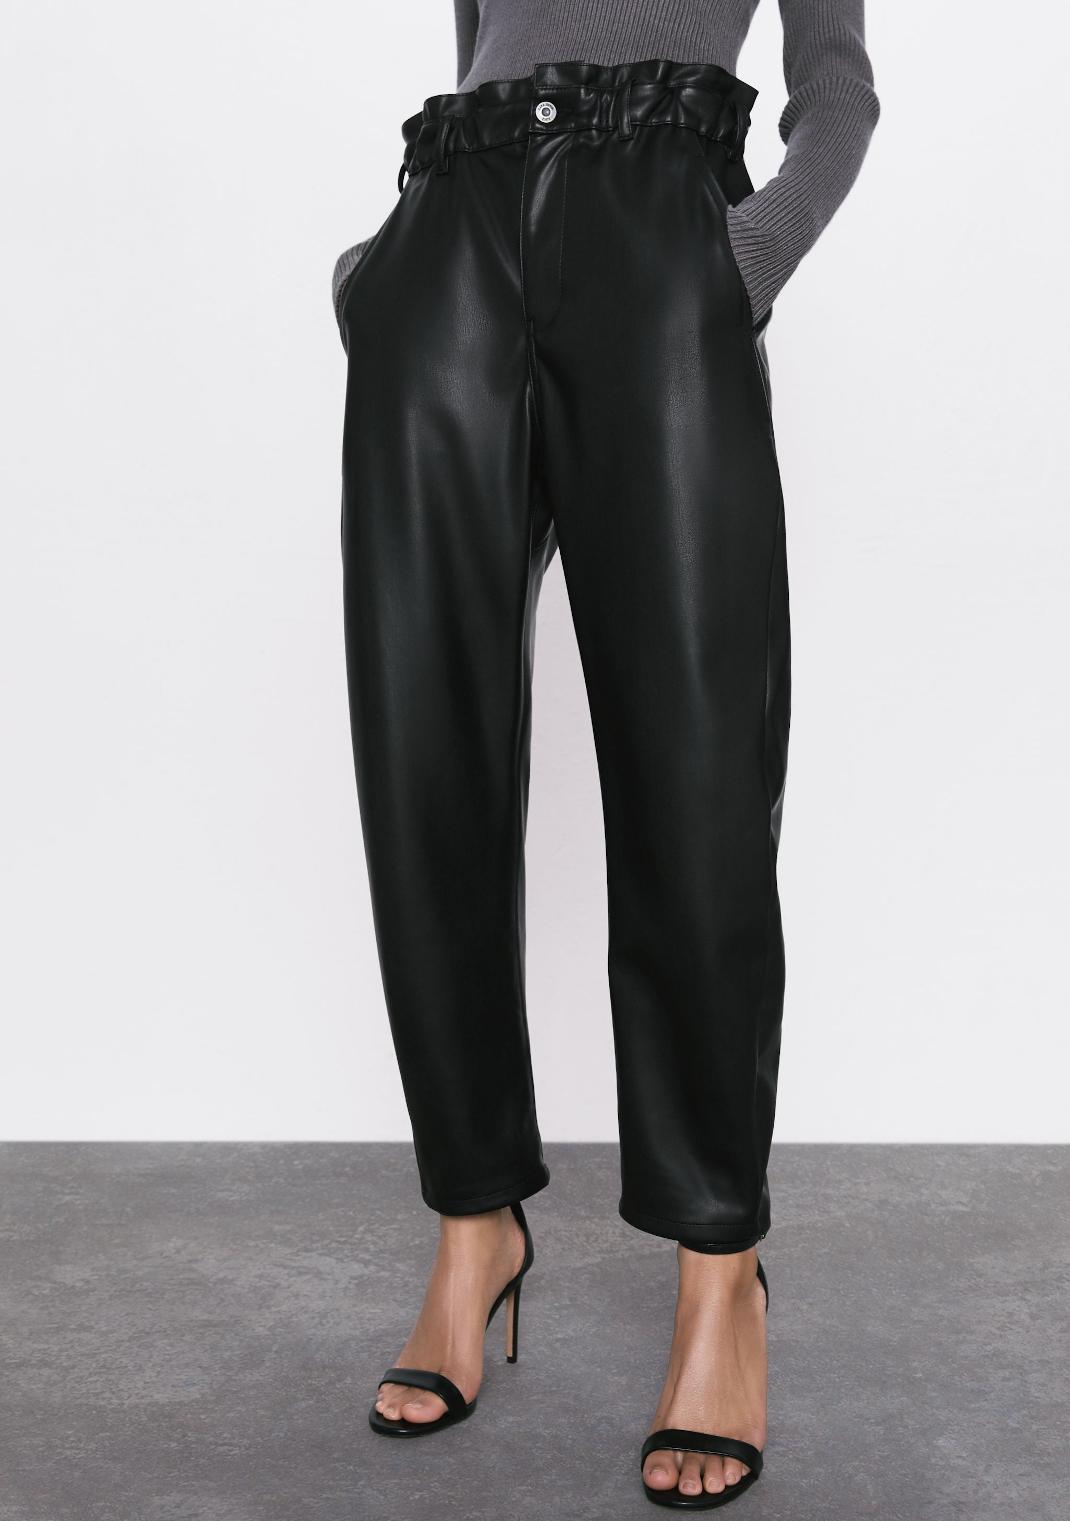 γυναίκα με παντελόνι Zara